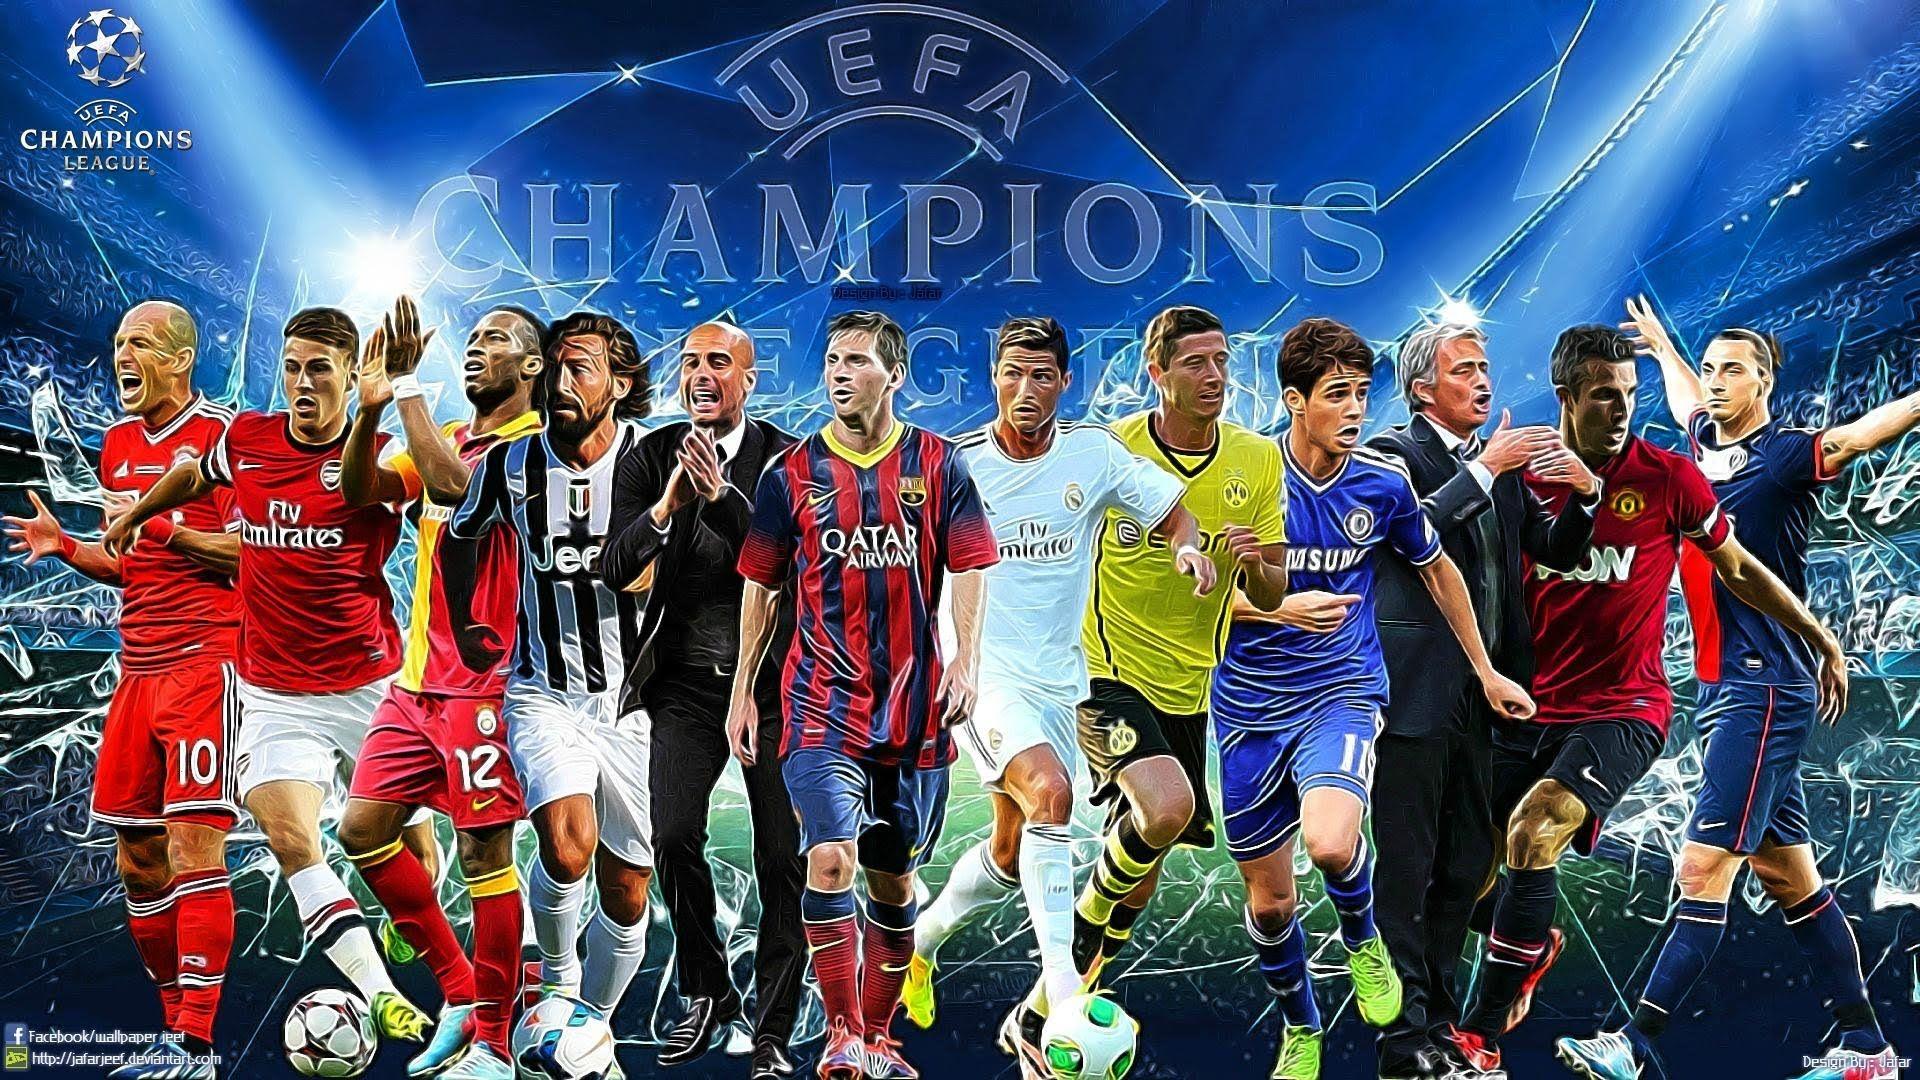 Football Pitch Hd Desktop Wallpaper Widescreen High Definition 768 480 Wallpaper Football 44 Wallpapers A Uefa Champions League Champions League League